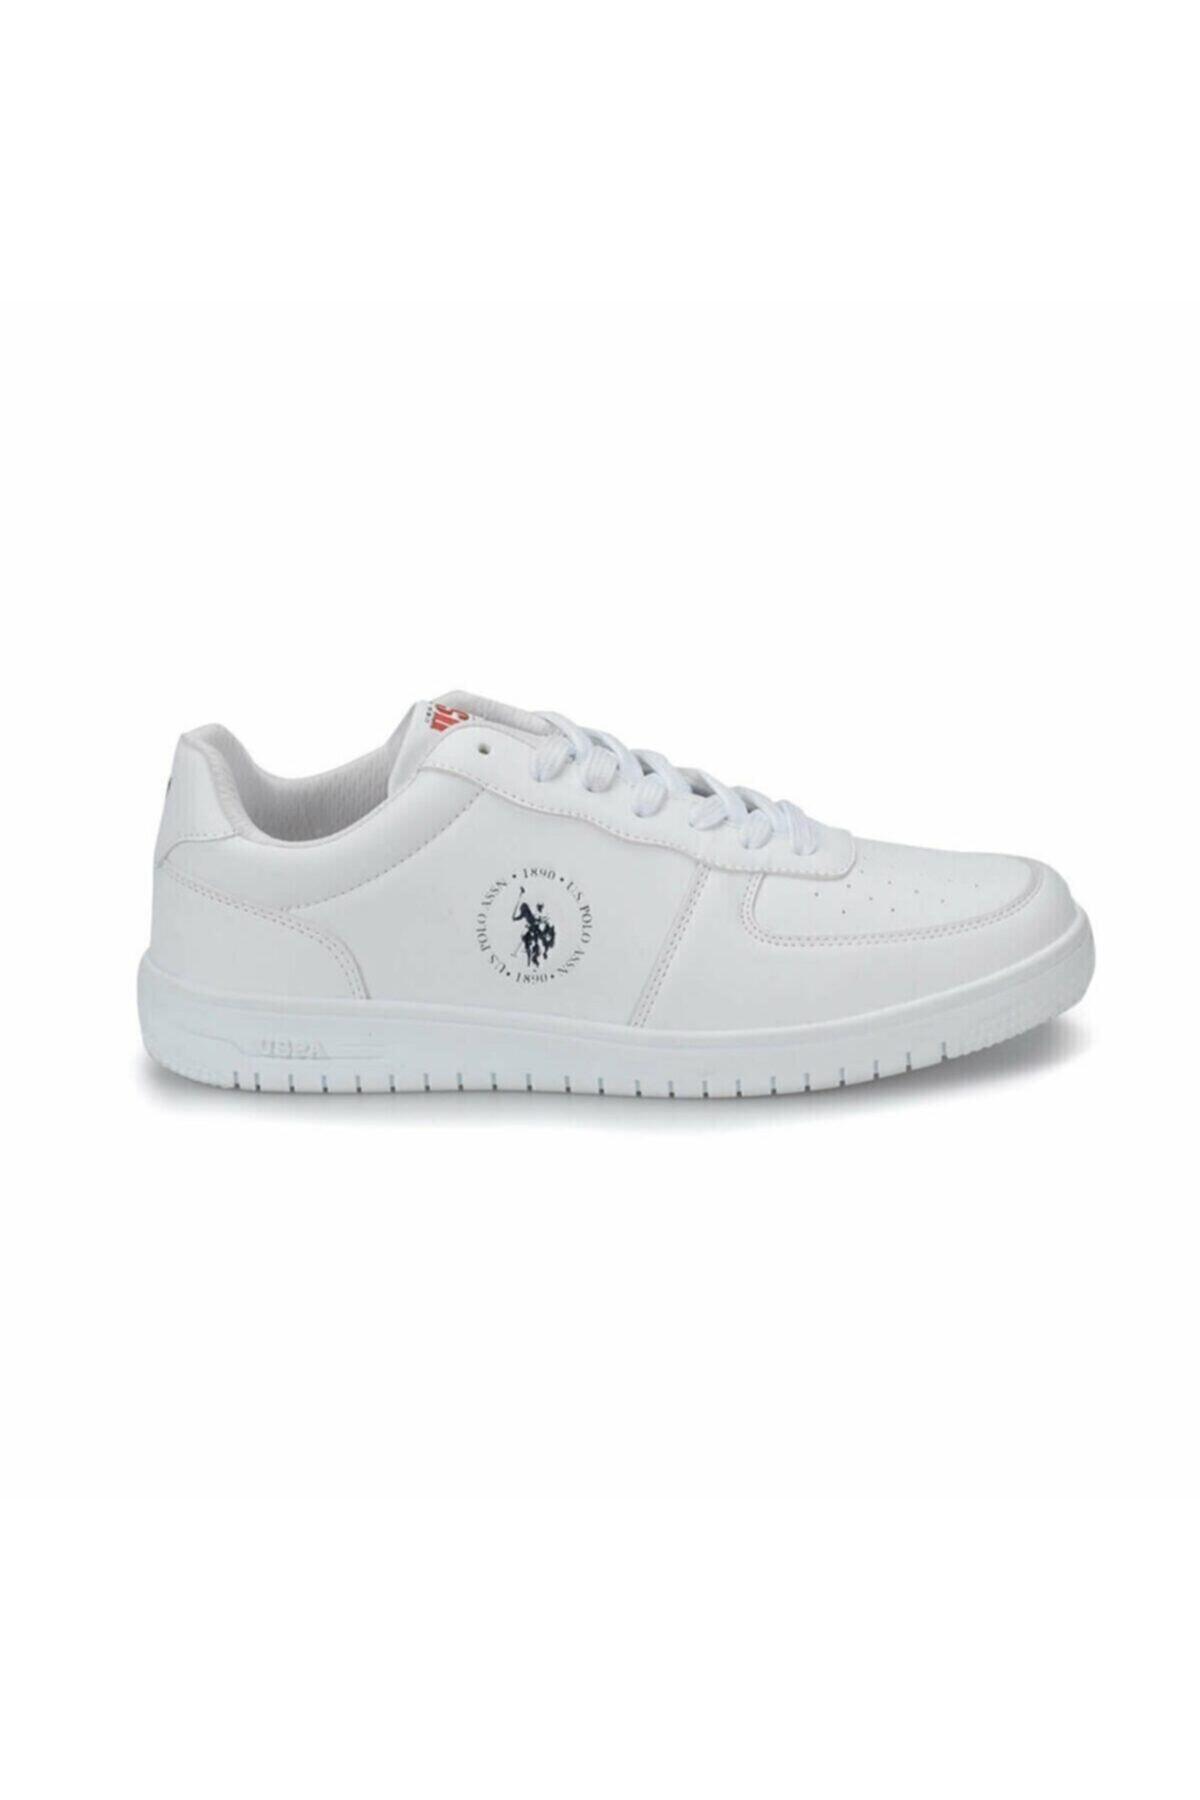 U.S. Polo Assn. DIMLER Beyaz Erkek Sneaker Ayakkabı 100281467 2